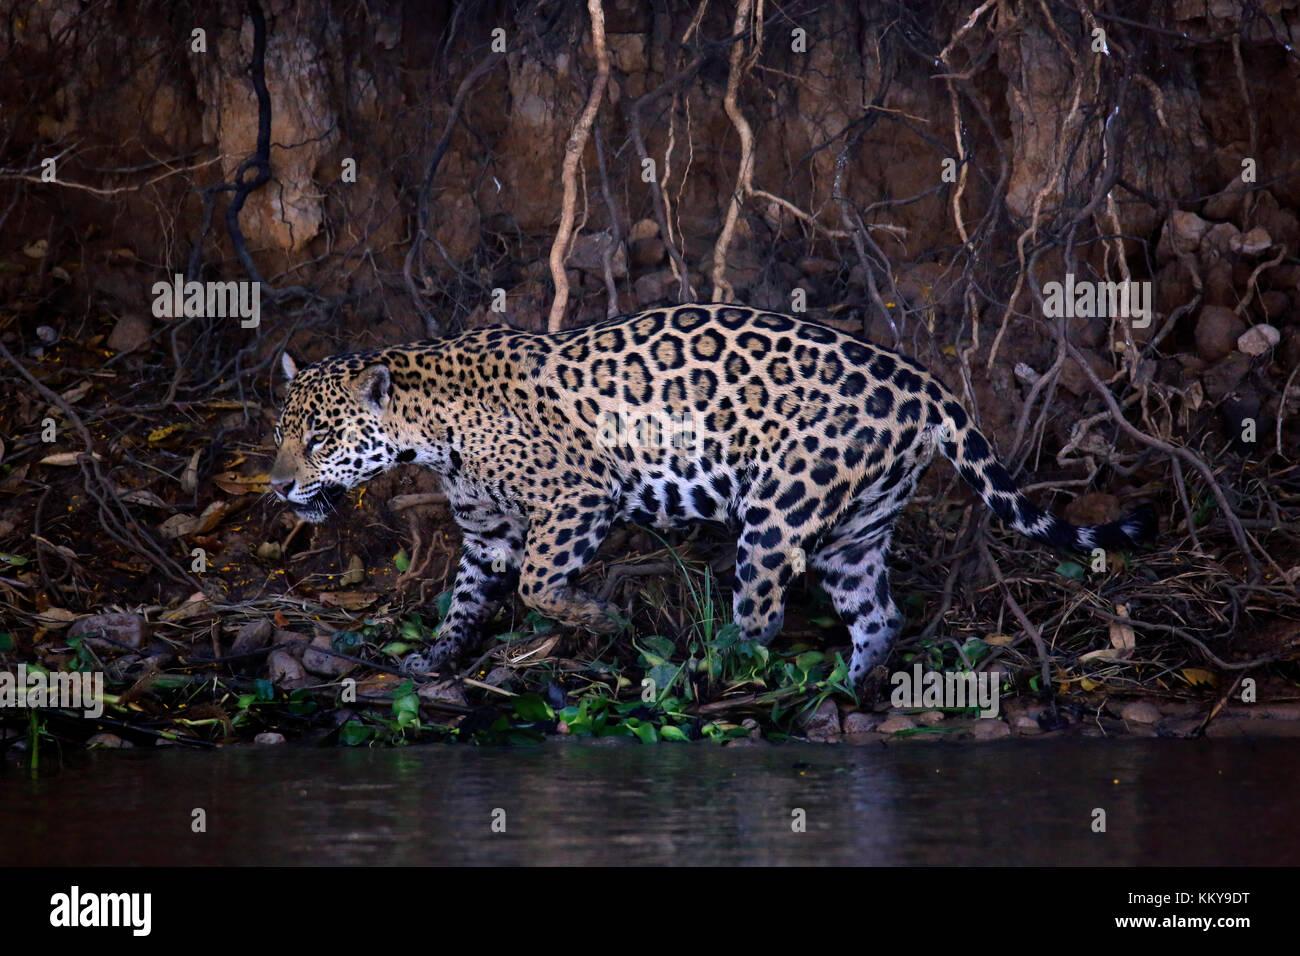 Jaguar Scounting along the River Bank, Pantanal, Brazil - Stock Image